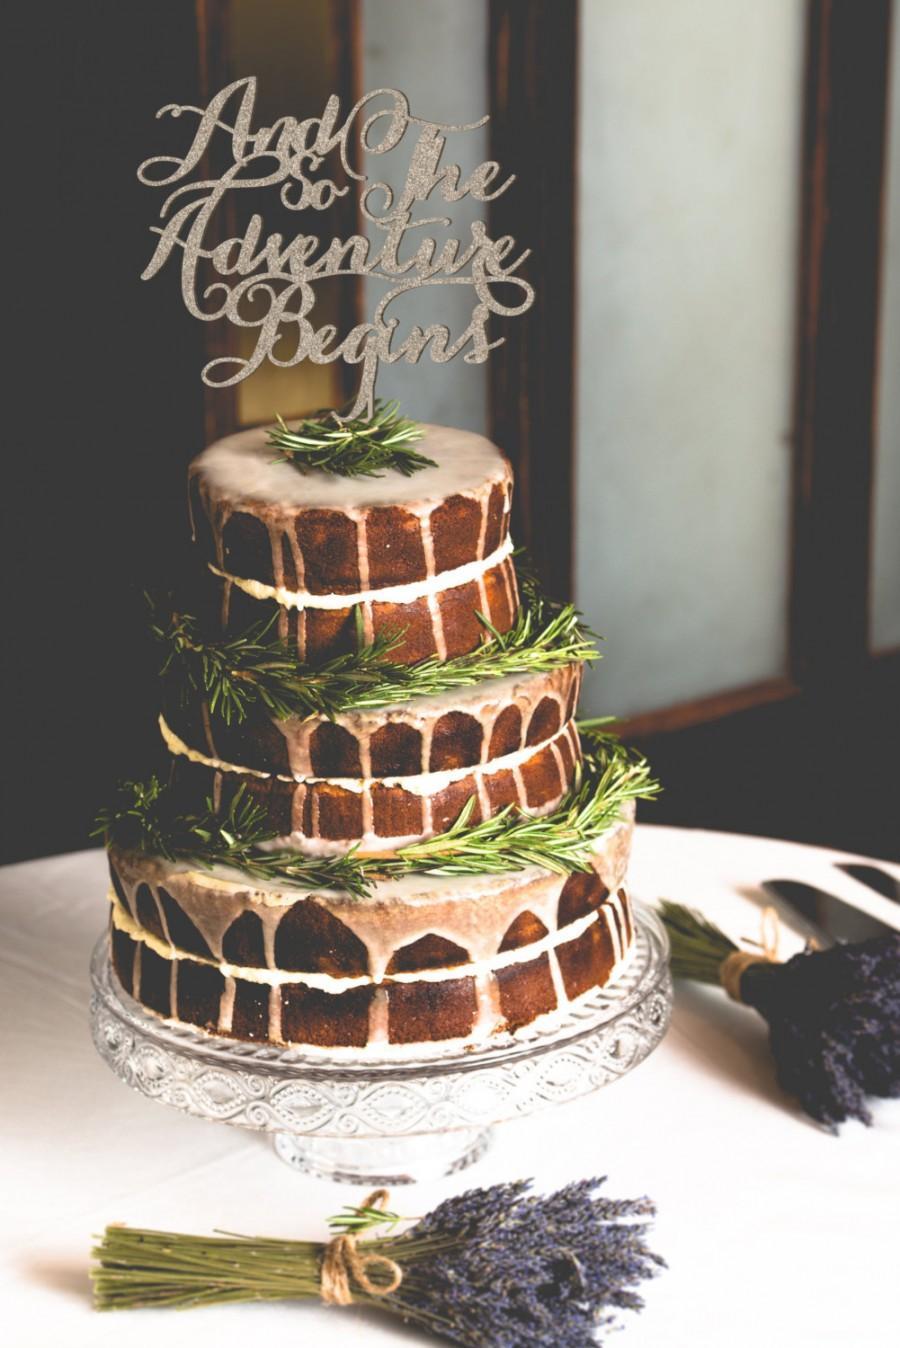 Hochzeit - And So The Adventure Begins Wedding Cake Topper, Fall Wedding Cakes, Wedding Cake, Glitter cake topper, Script Cake Topper, Word Cake Topper